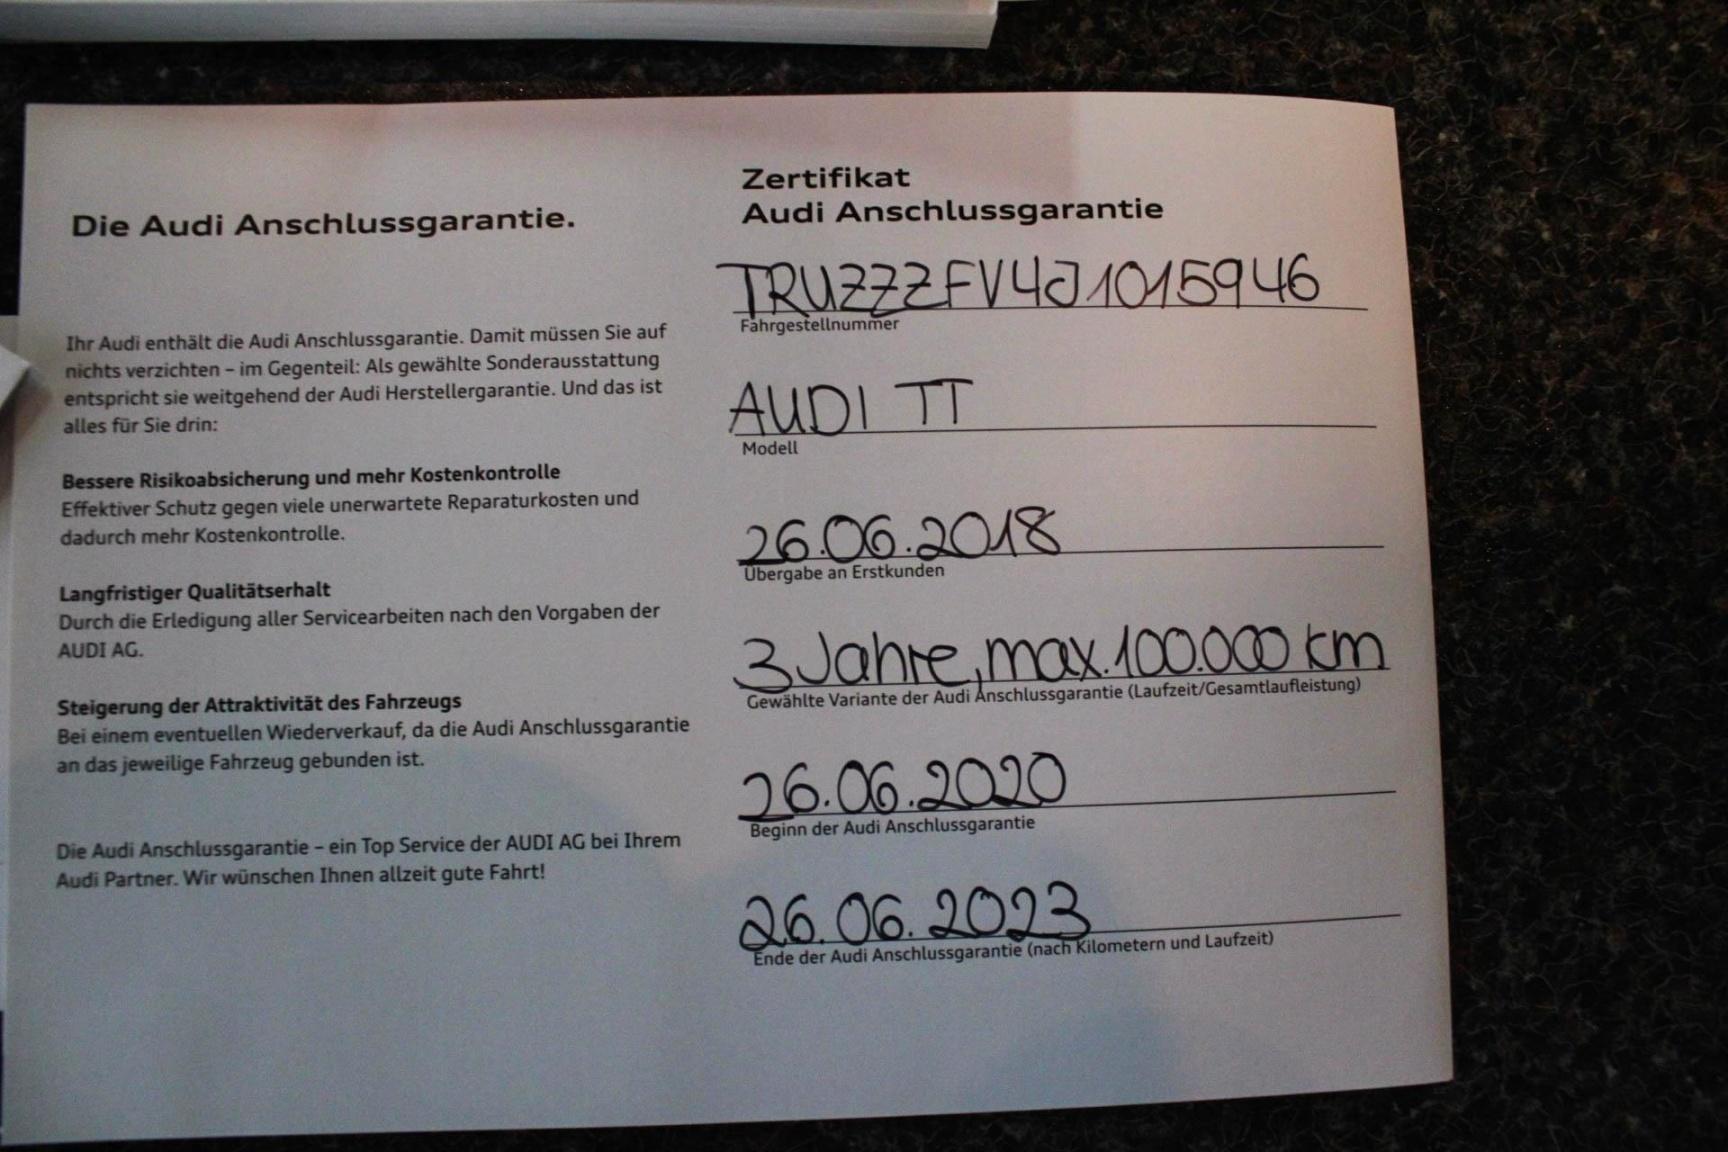 Audi-TT-24